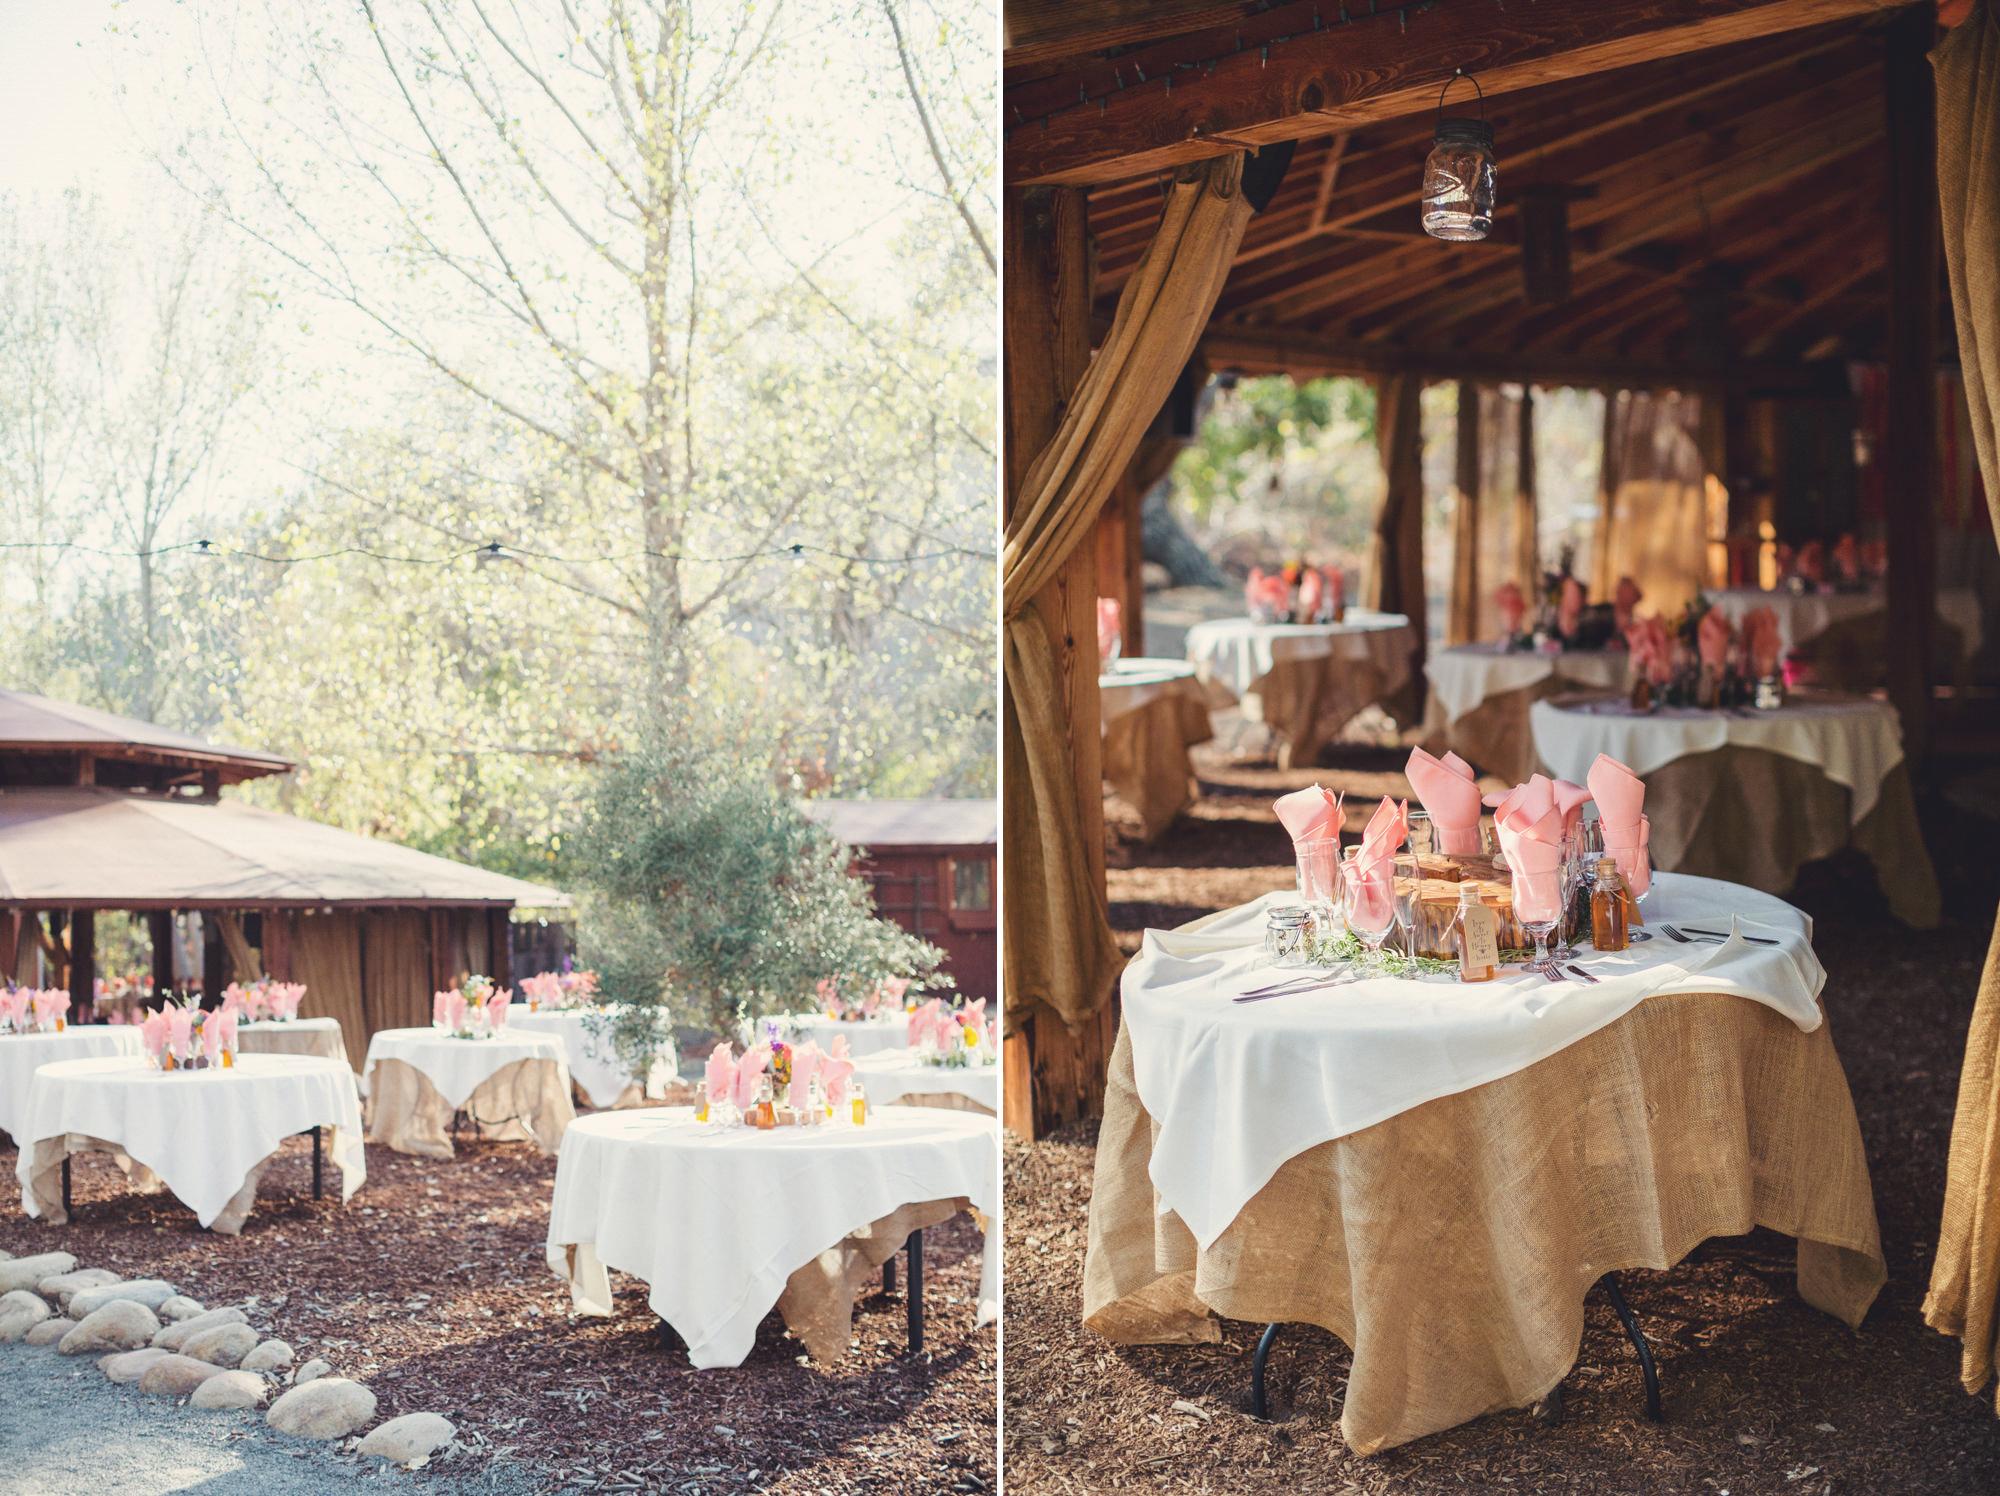 Rustic wedding in California ©Anne-Claire Brun 93